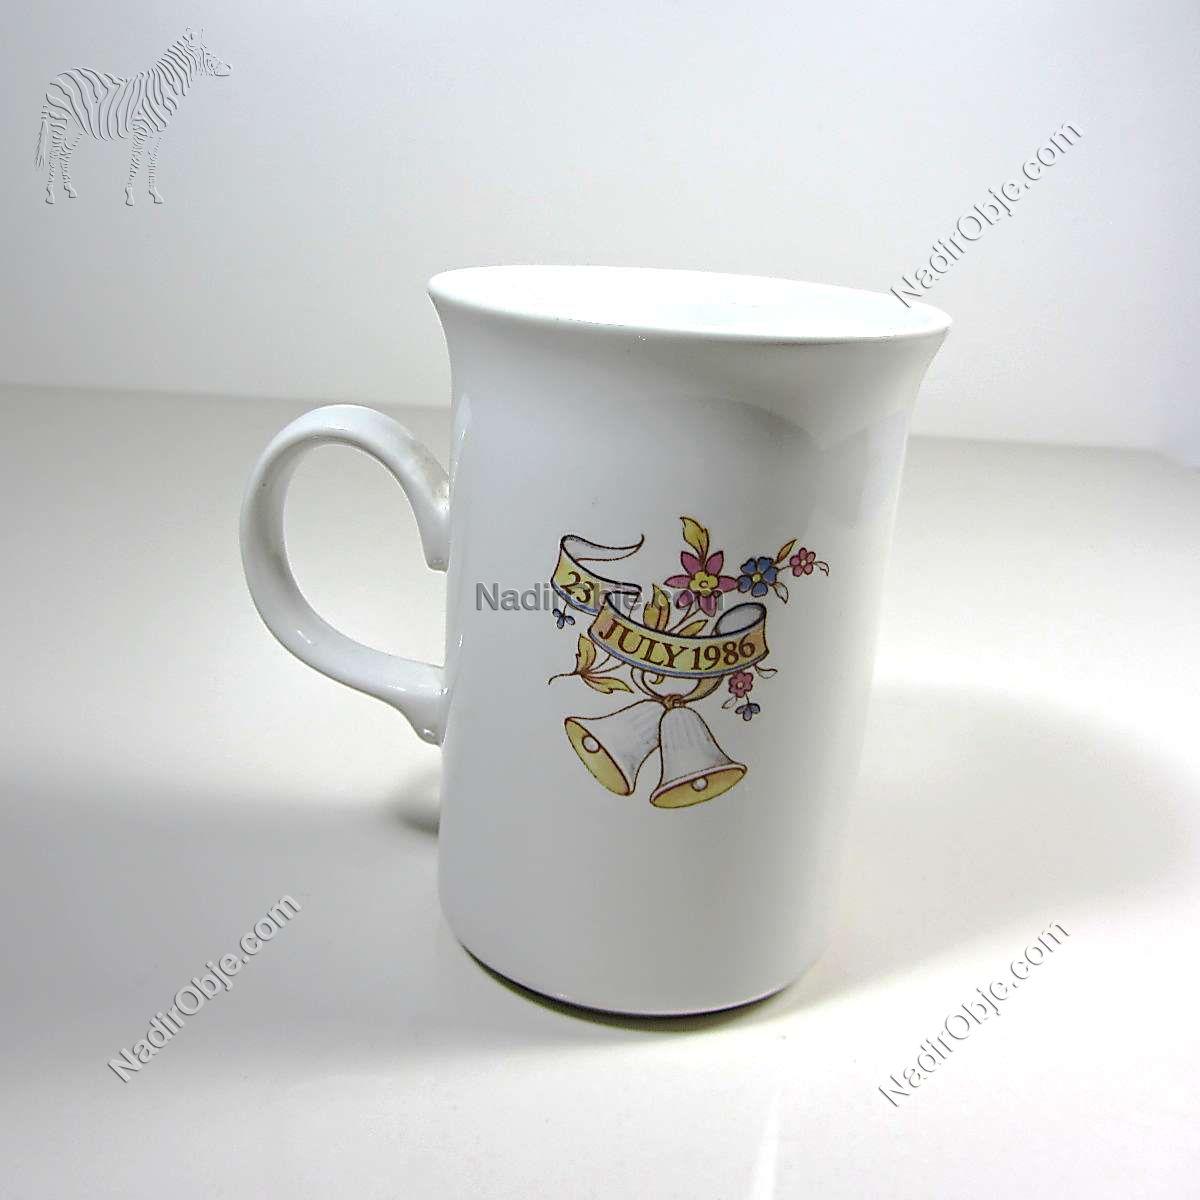 1988 İngiltere Kraliyet Düğün Hatırası Kupa Seramik-Porselen Objeler Bardak